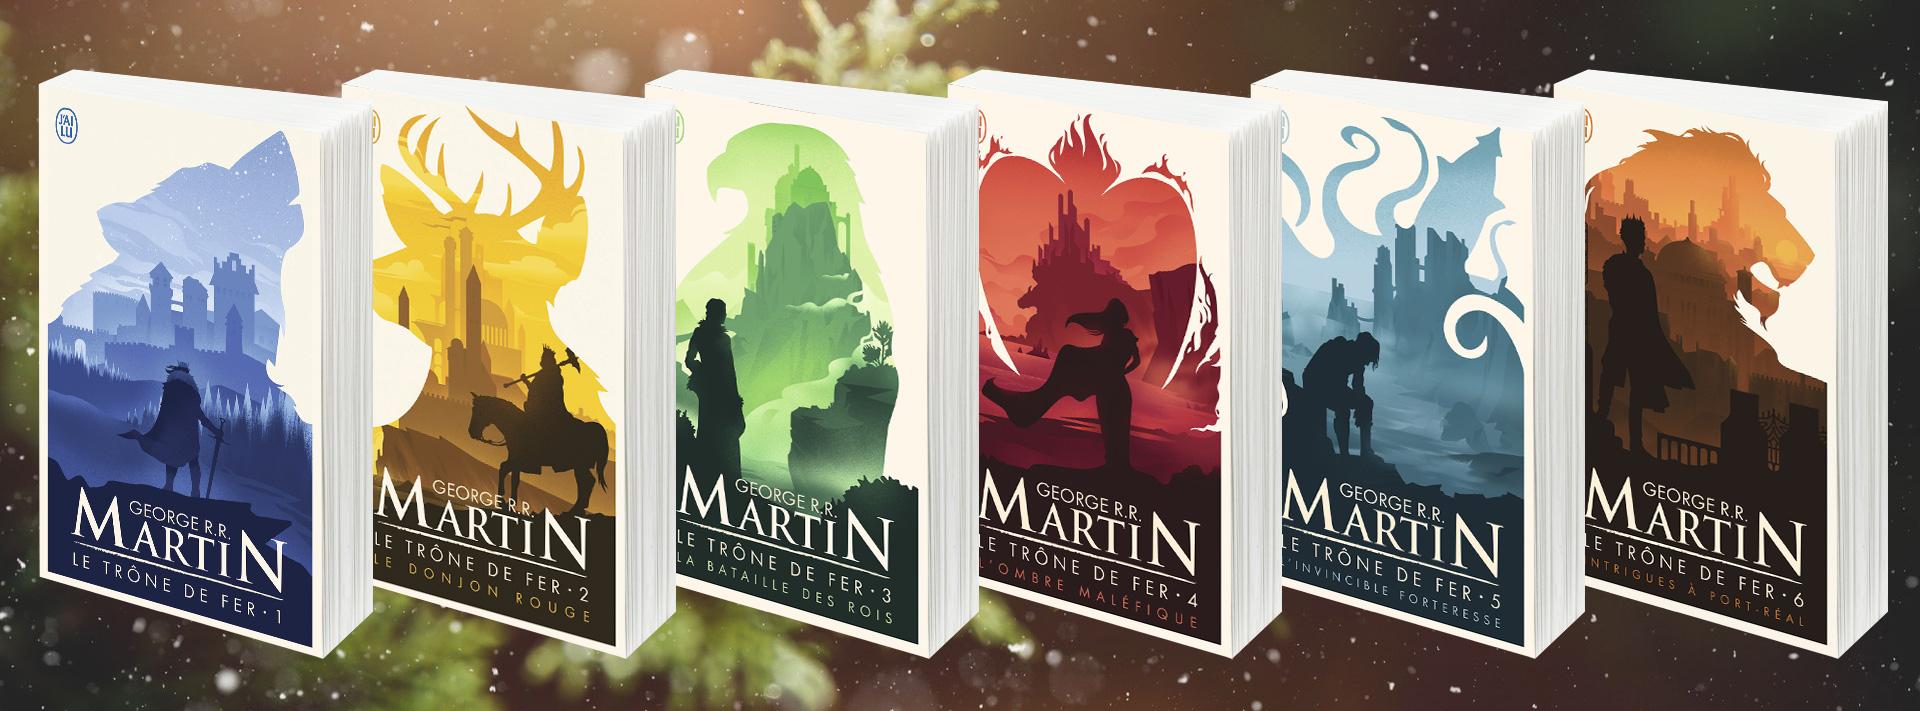 Les Ecrits De G R R Martin Dans L Univers Du Trone De Fer